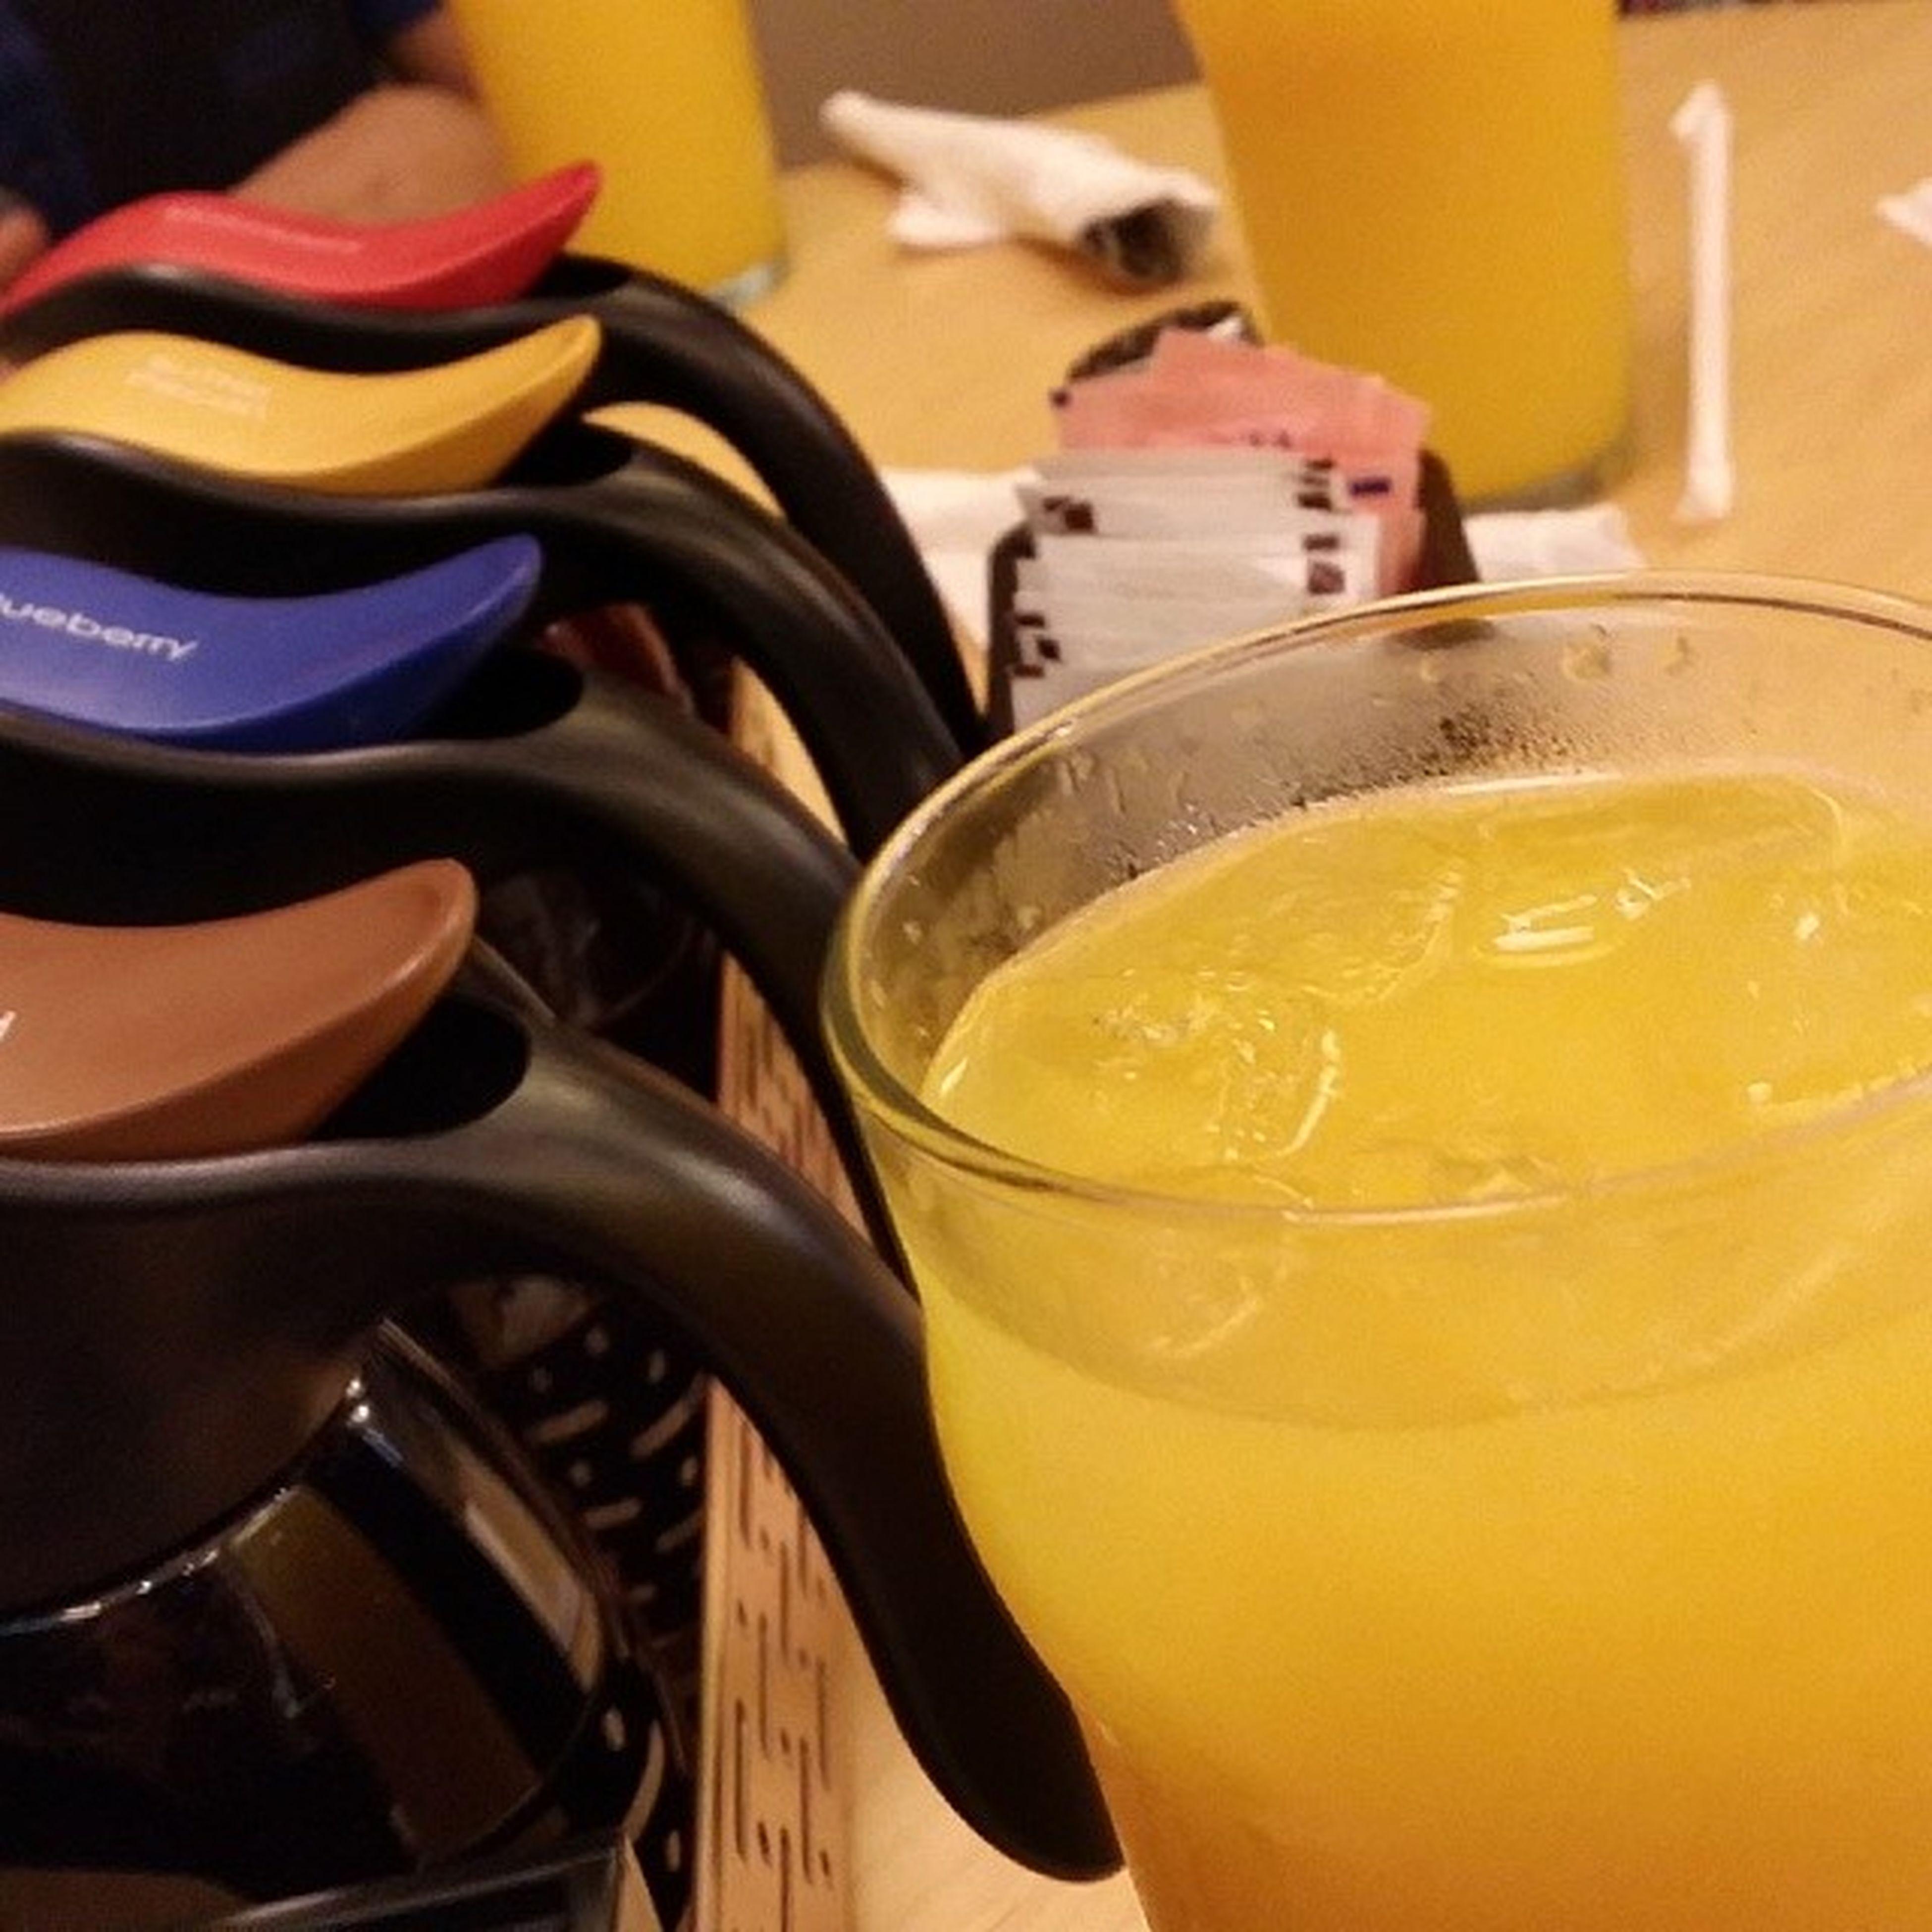 فطور في اي هوب خرااااافي Ihop  جدة  التحلية Food جدة المدينة photo instagram photos